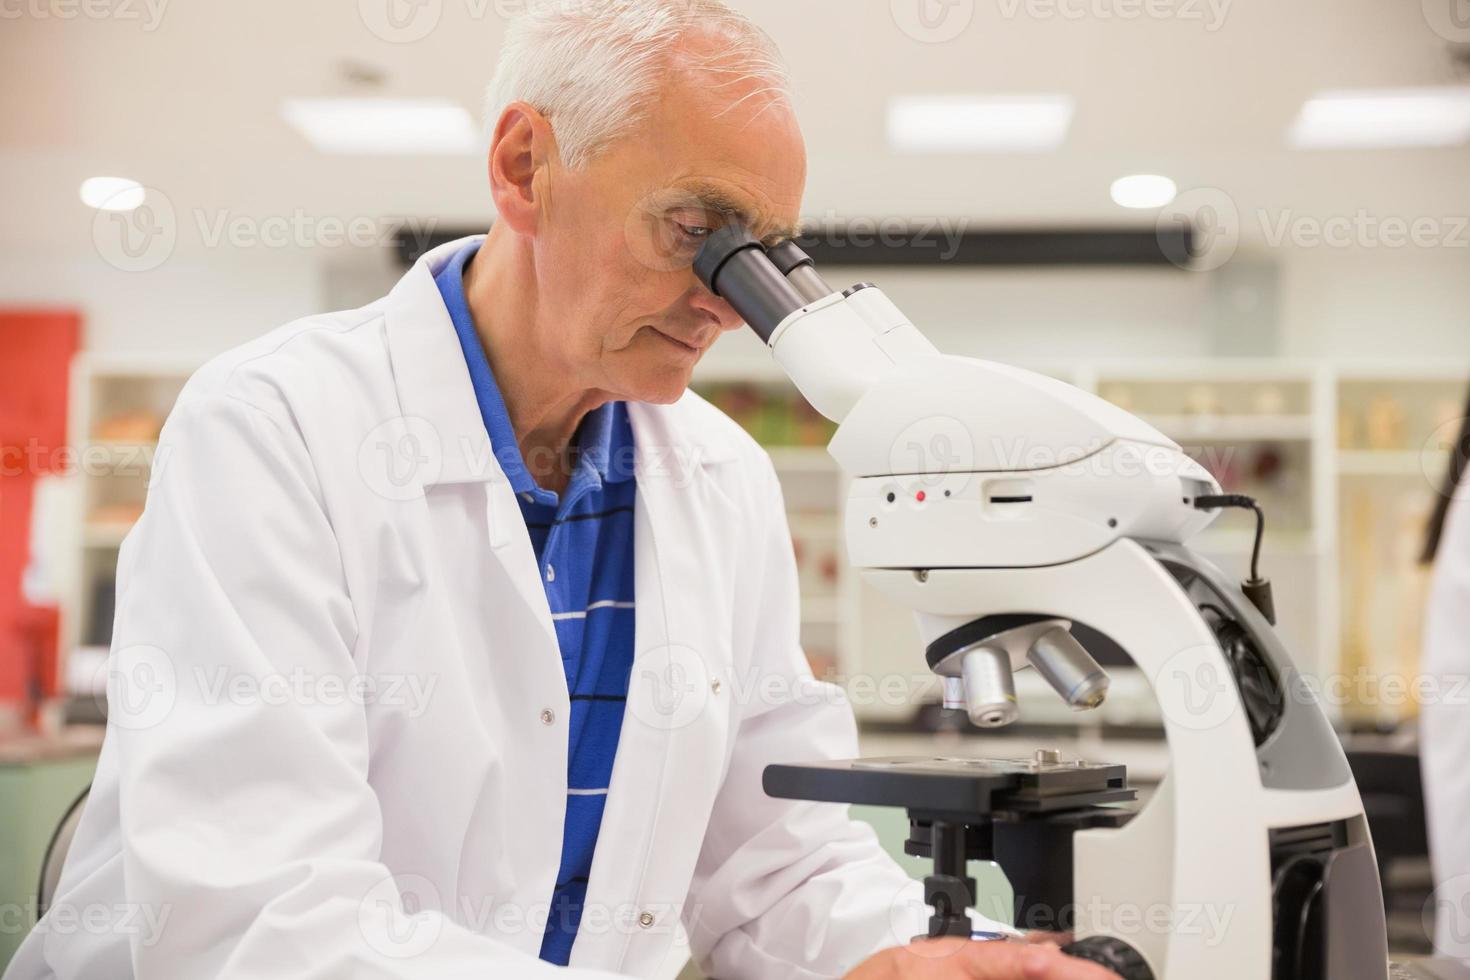 Medizinprofessor mit Mikroskop foto